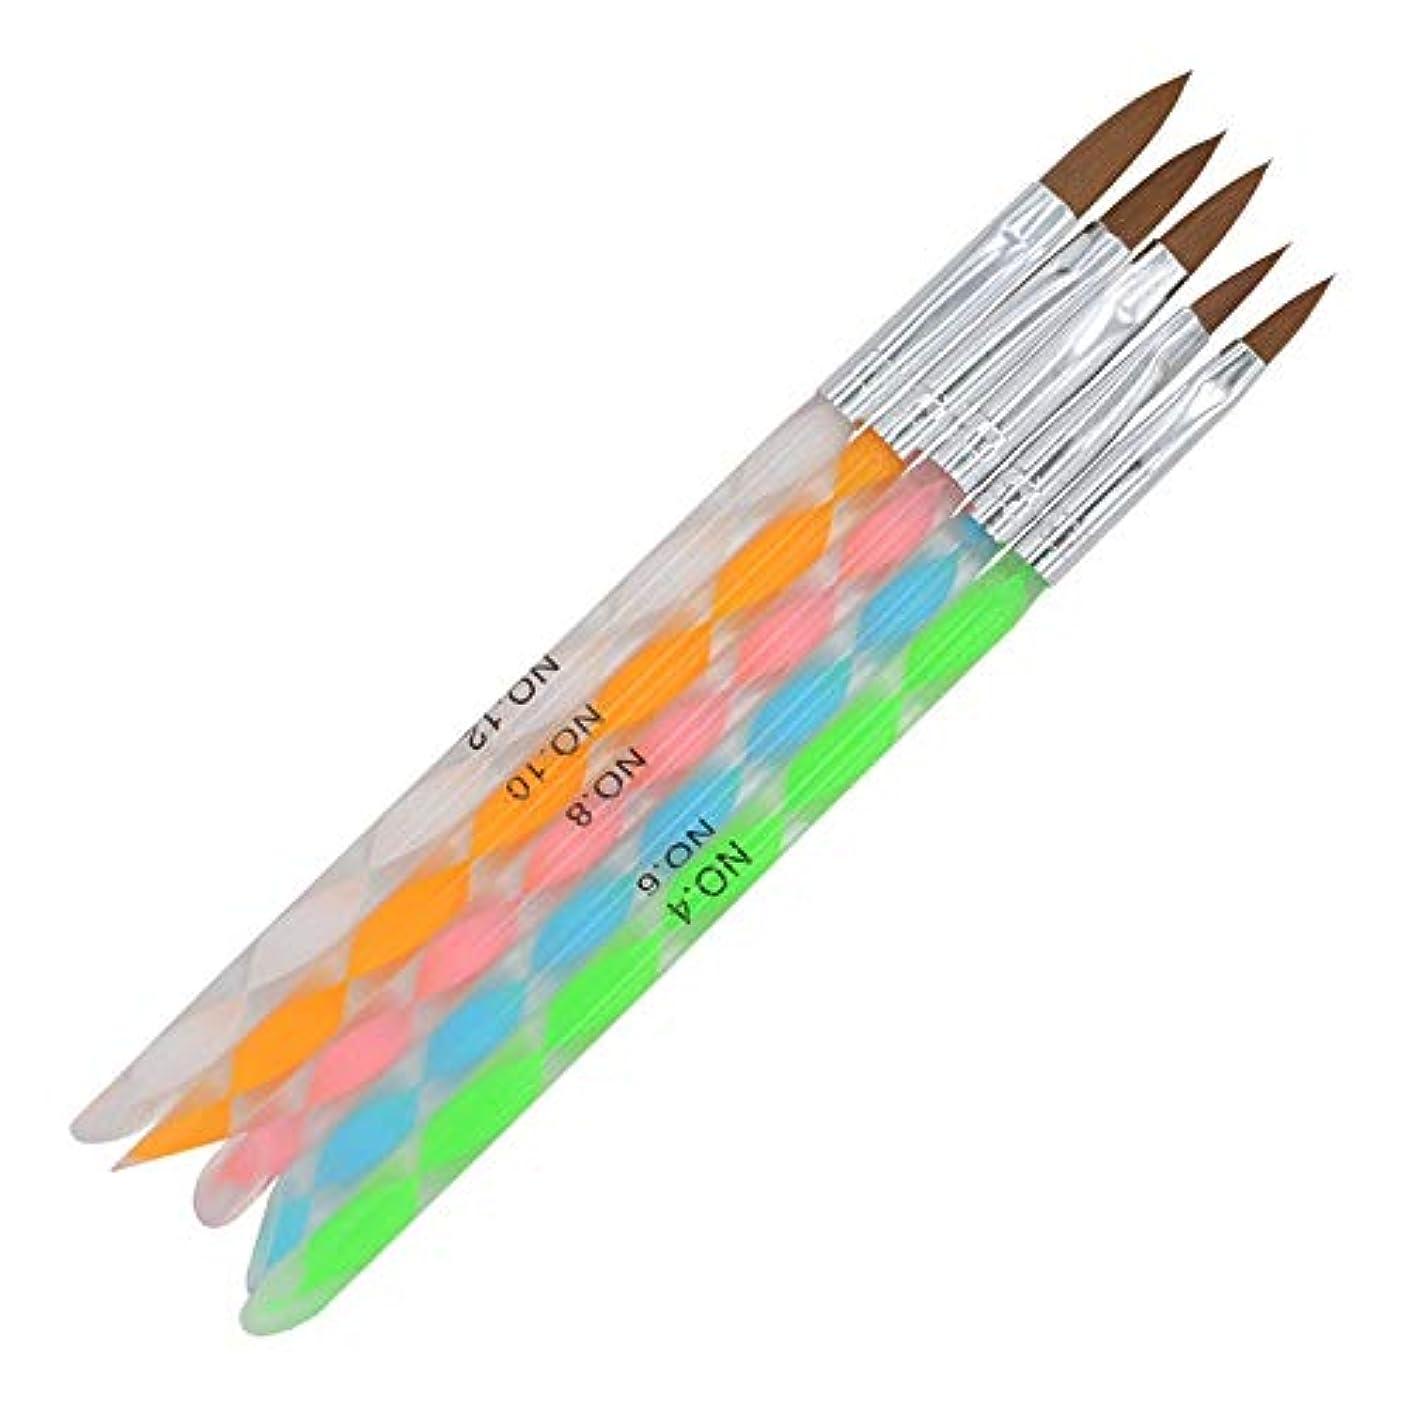 情緒的リズミカルな平らなYan 3個のPCSネイル連結ペンアクリルカラーロッド3Dクリスタルペン